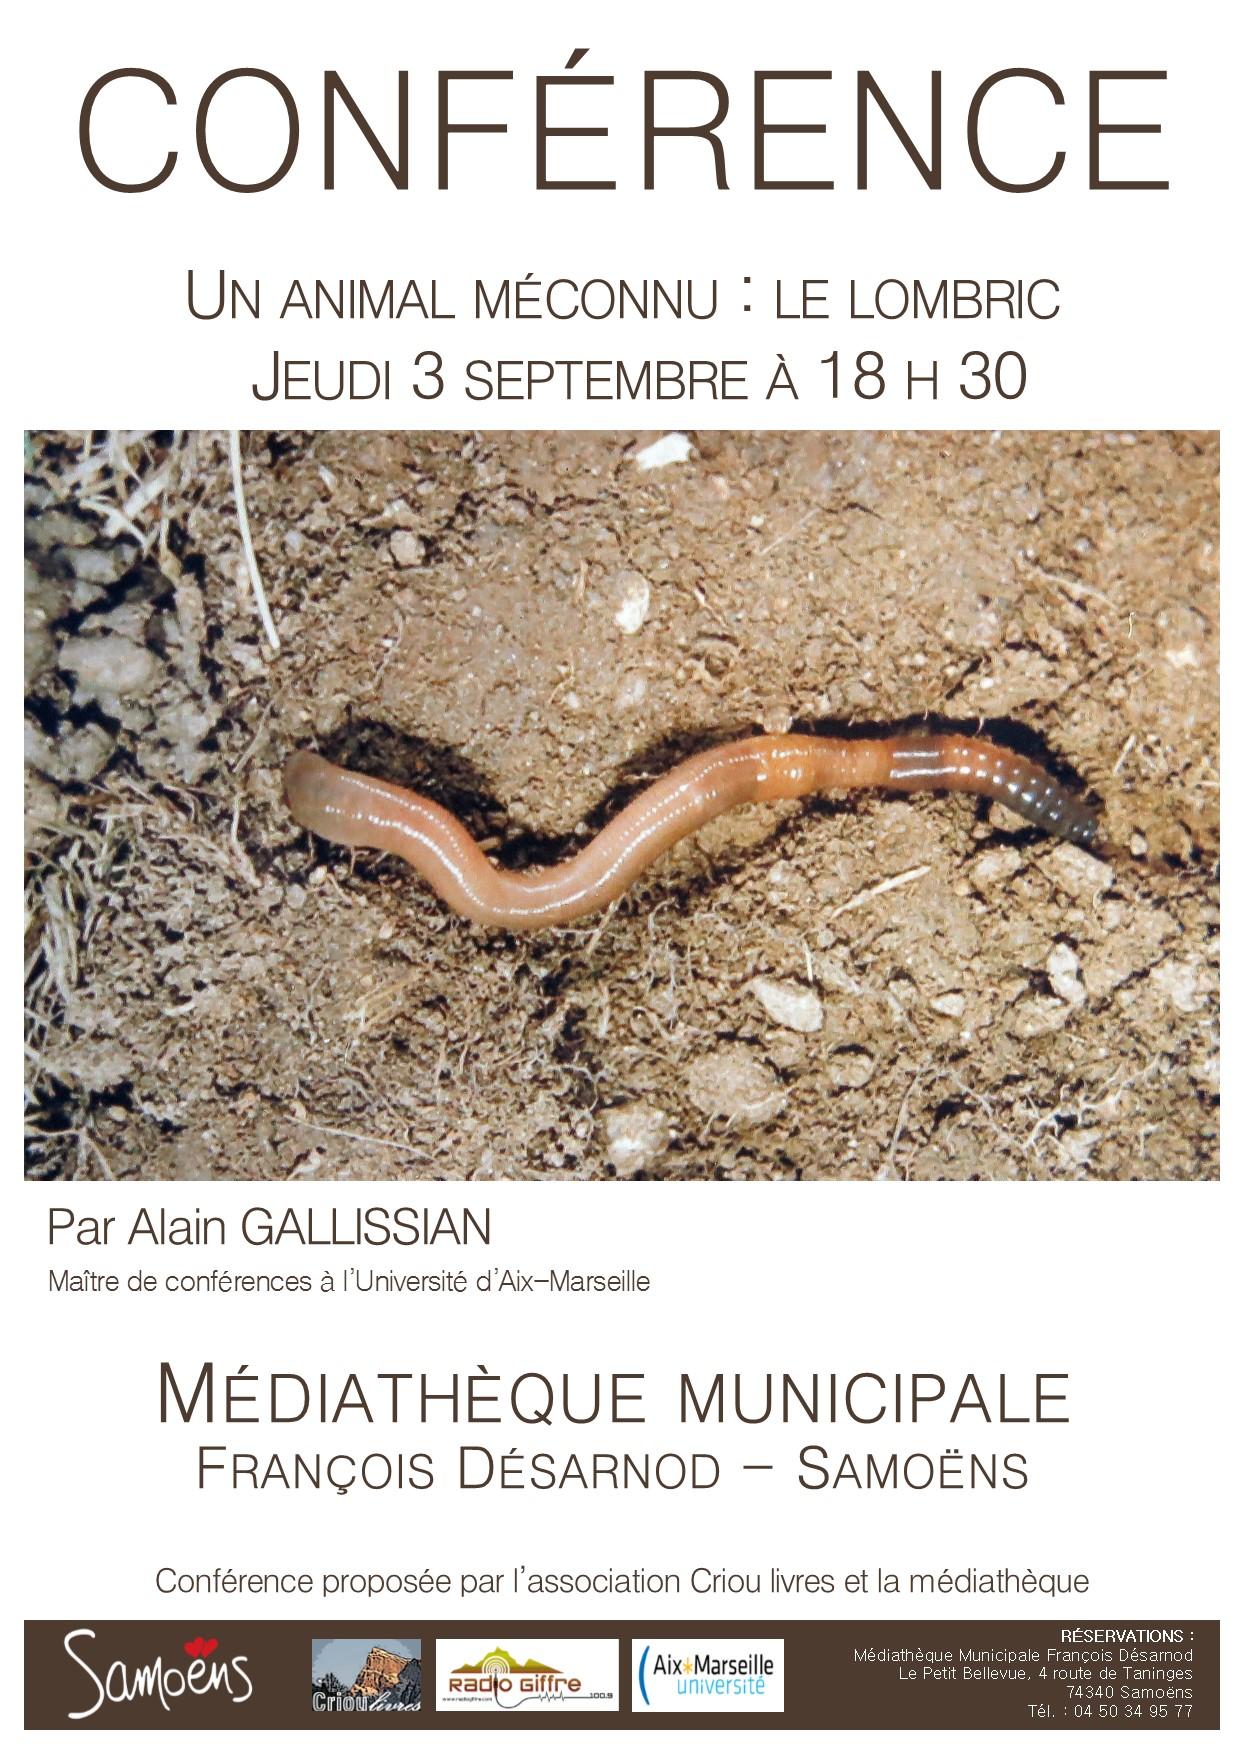 Conférence Lombric à la médiathèque de Samoëns 3 septembre 2020.Alain Gallissian, maître de conférence.